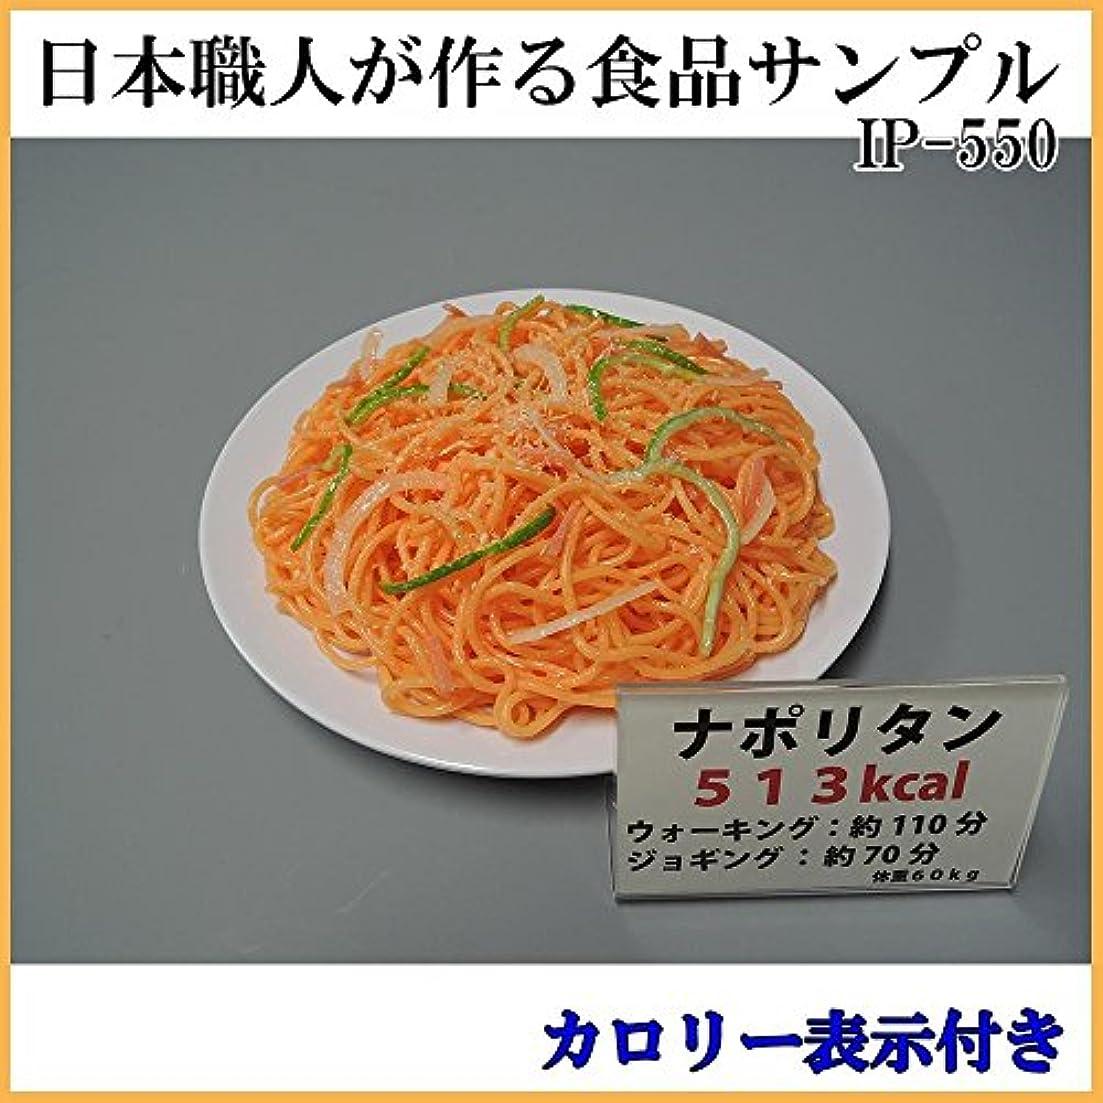 シロナガスクジラクッション従う日本職人が作る 食品サンプル カロリー表示付き ナポリタン IP-550